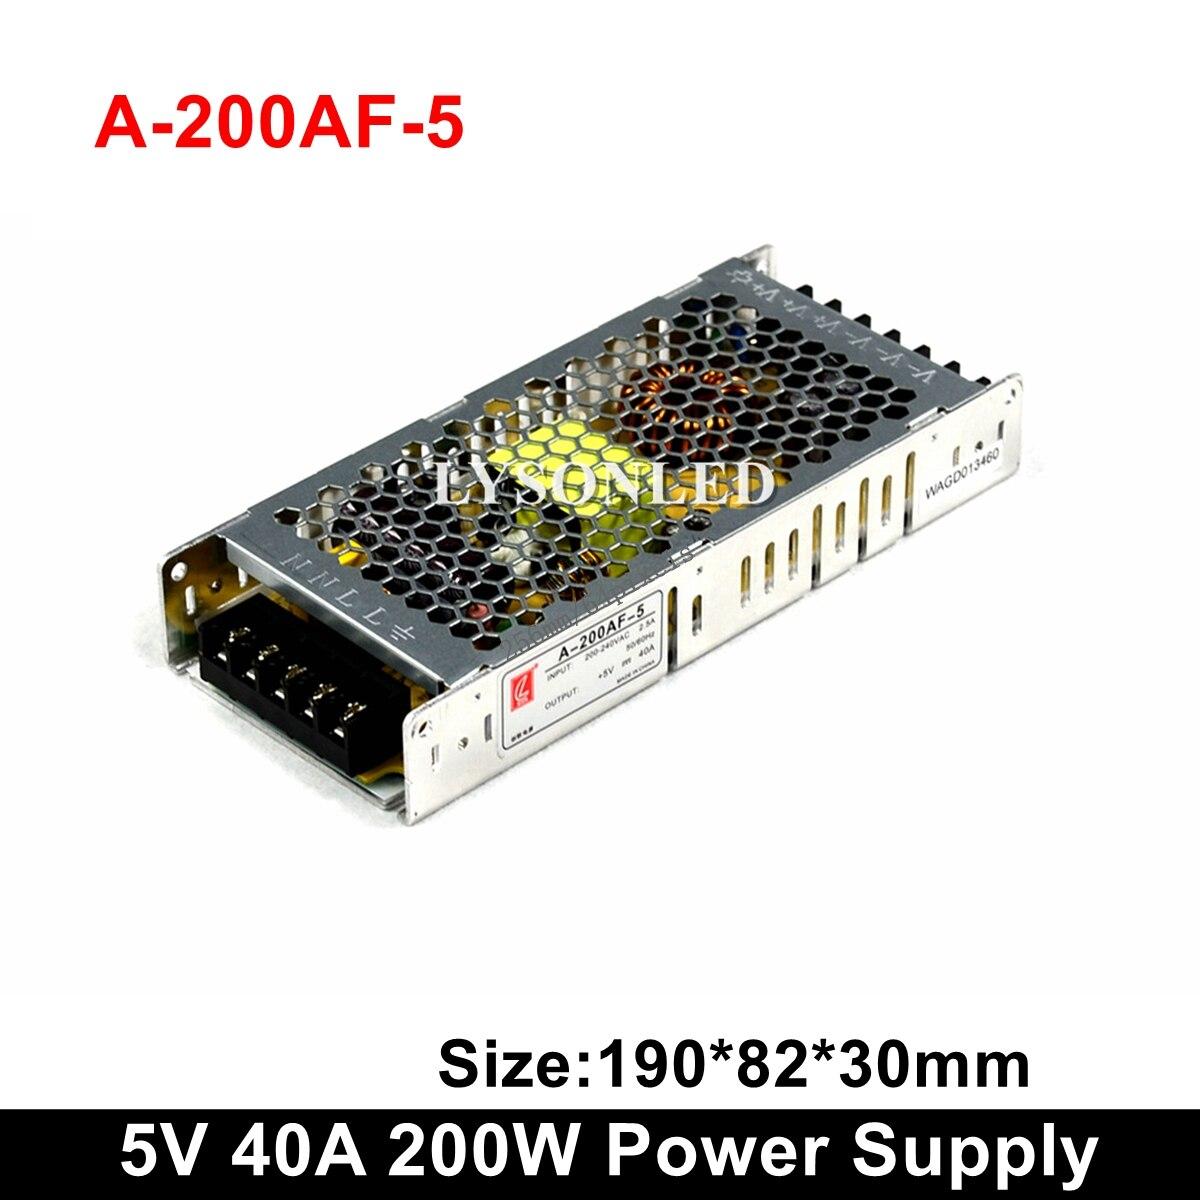 Chuanglian A-200AF-5 Ultrathin 200W Power Supply 5V 40A Display PSU